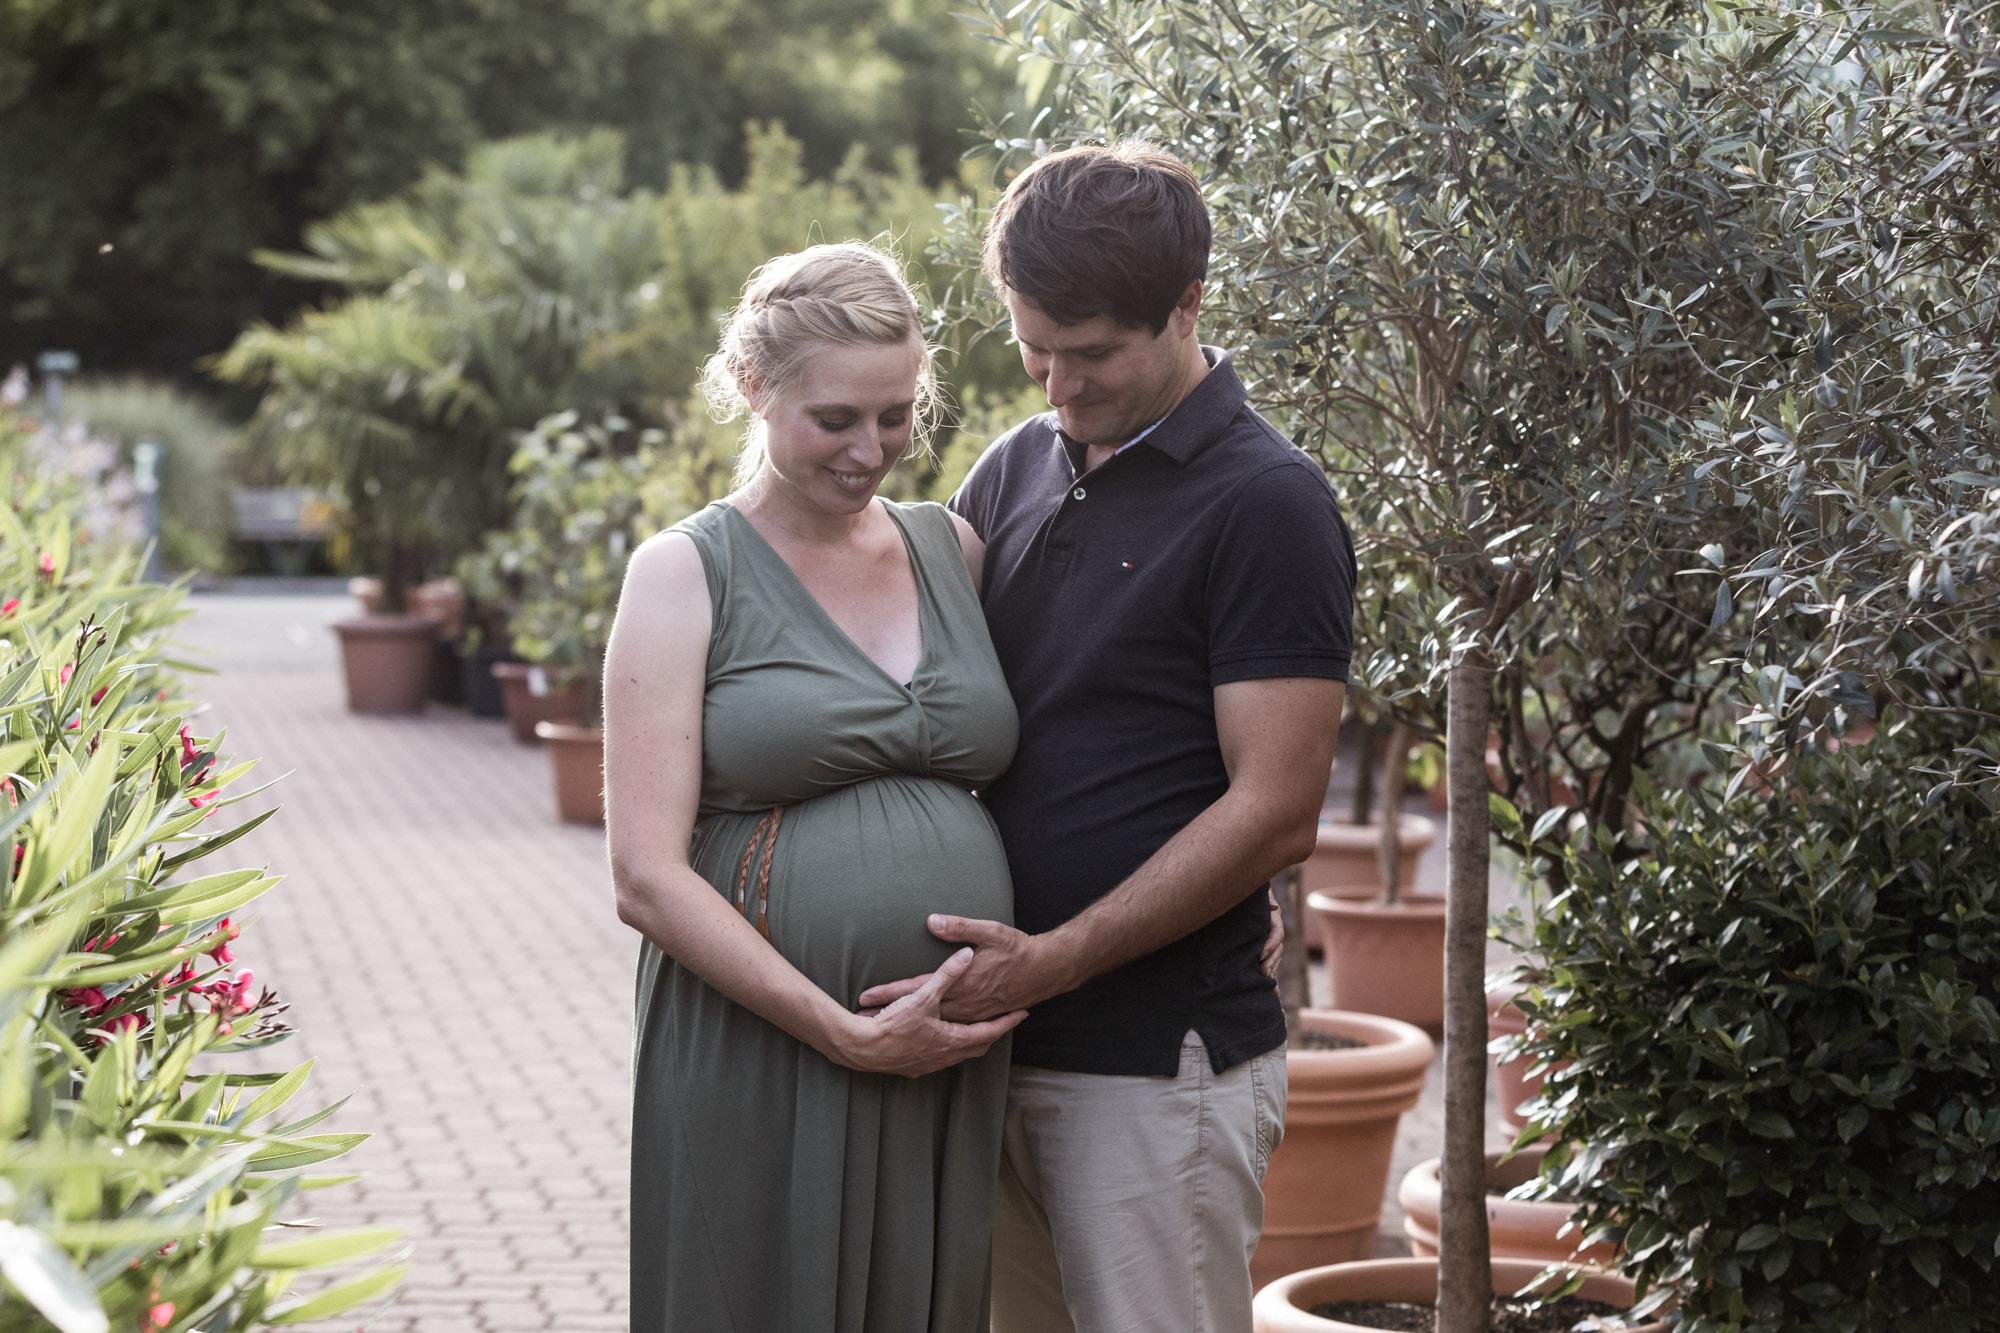 Babybauch und Familienfotoshooting in den Merian Gärten - Die werdenden Eltern beim Fotoshooting in der Natur